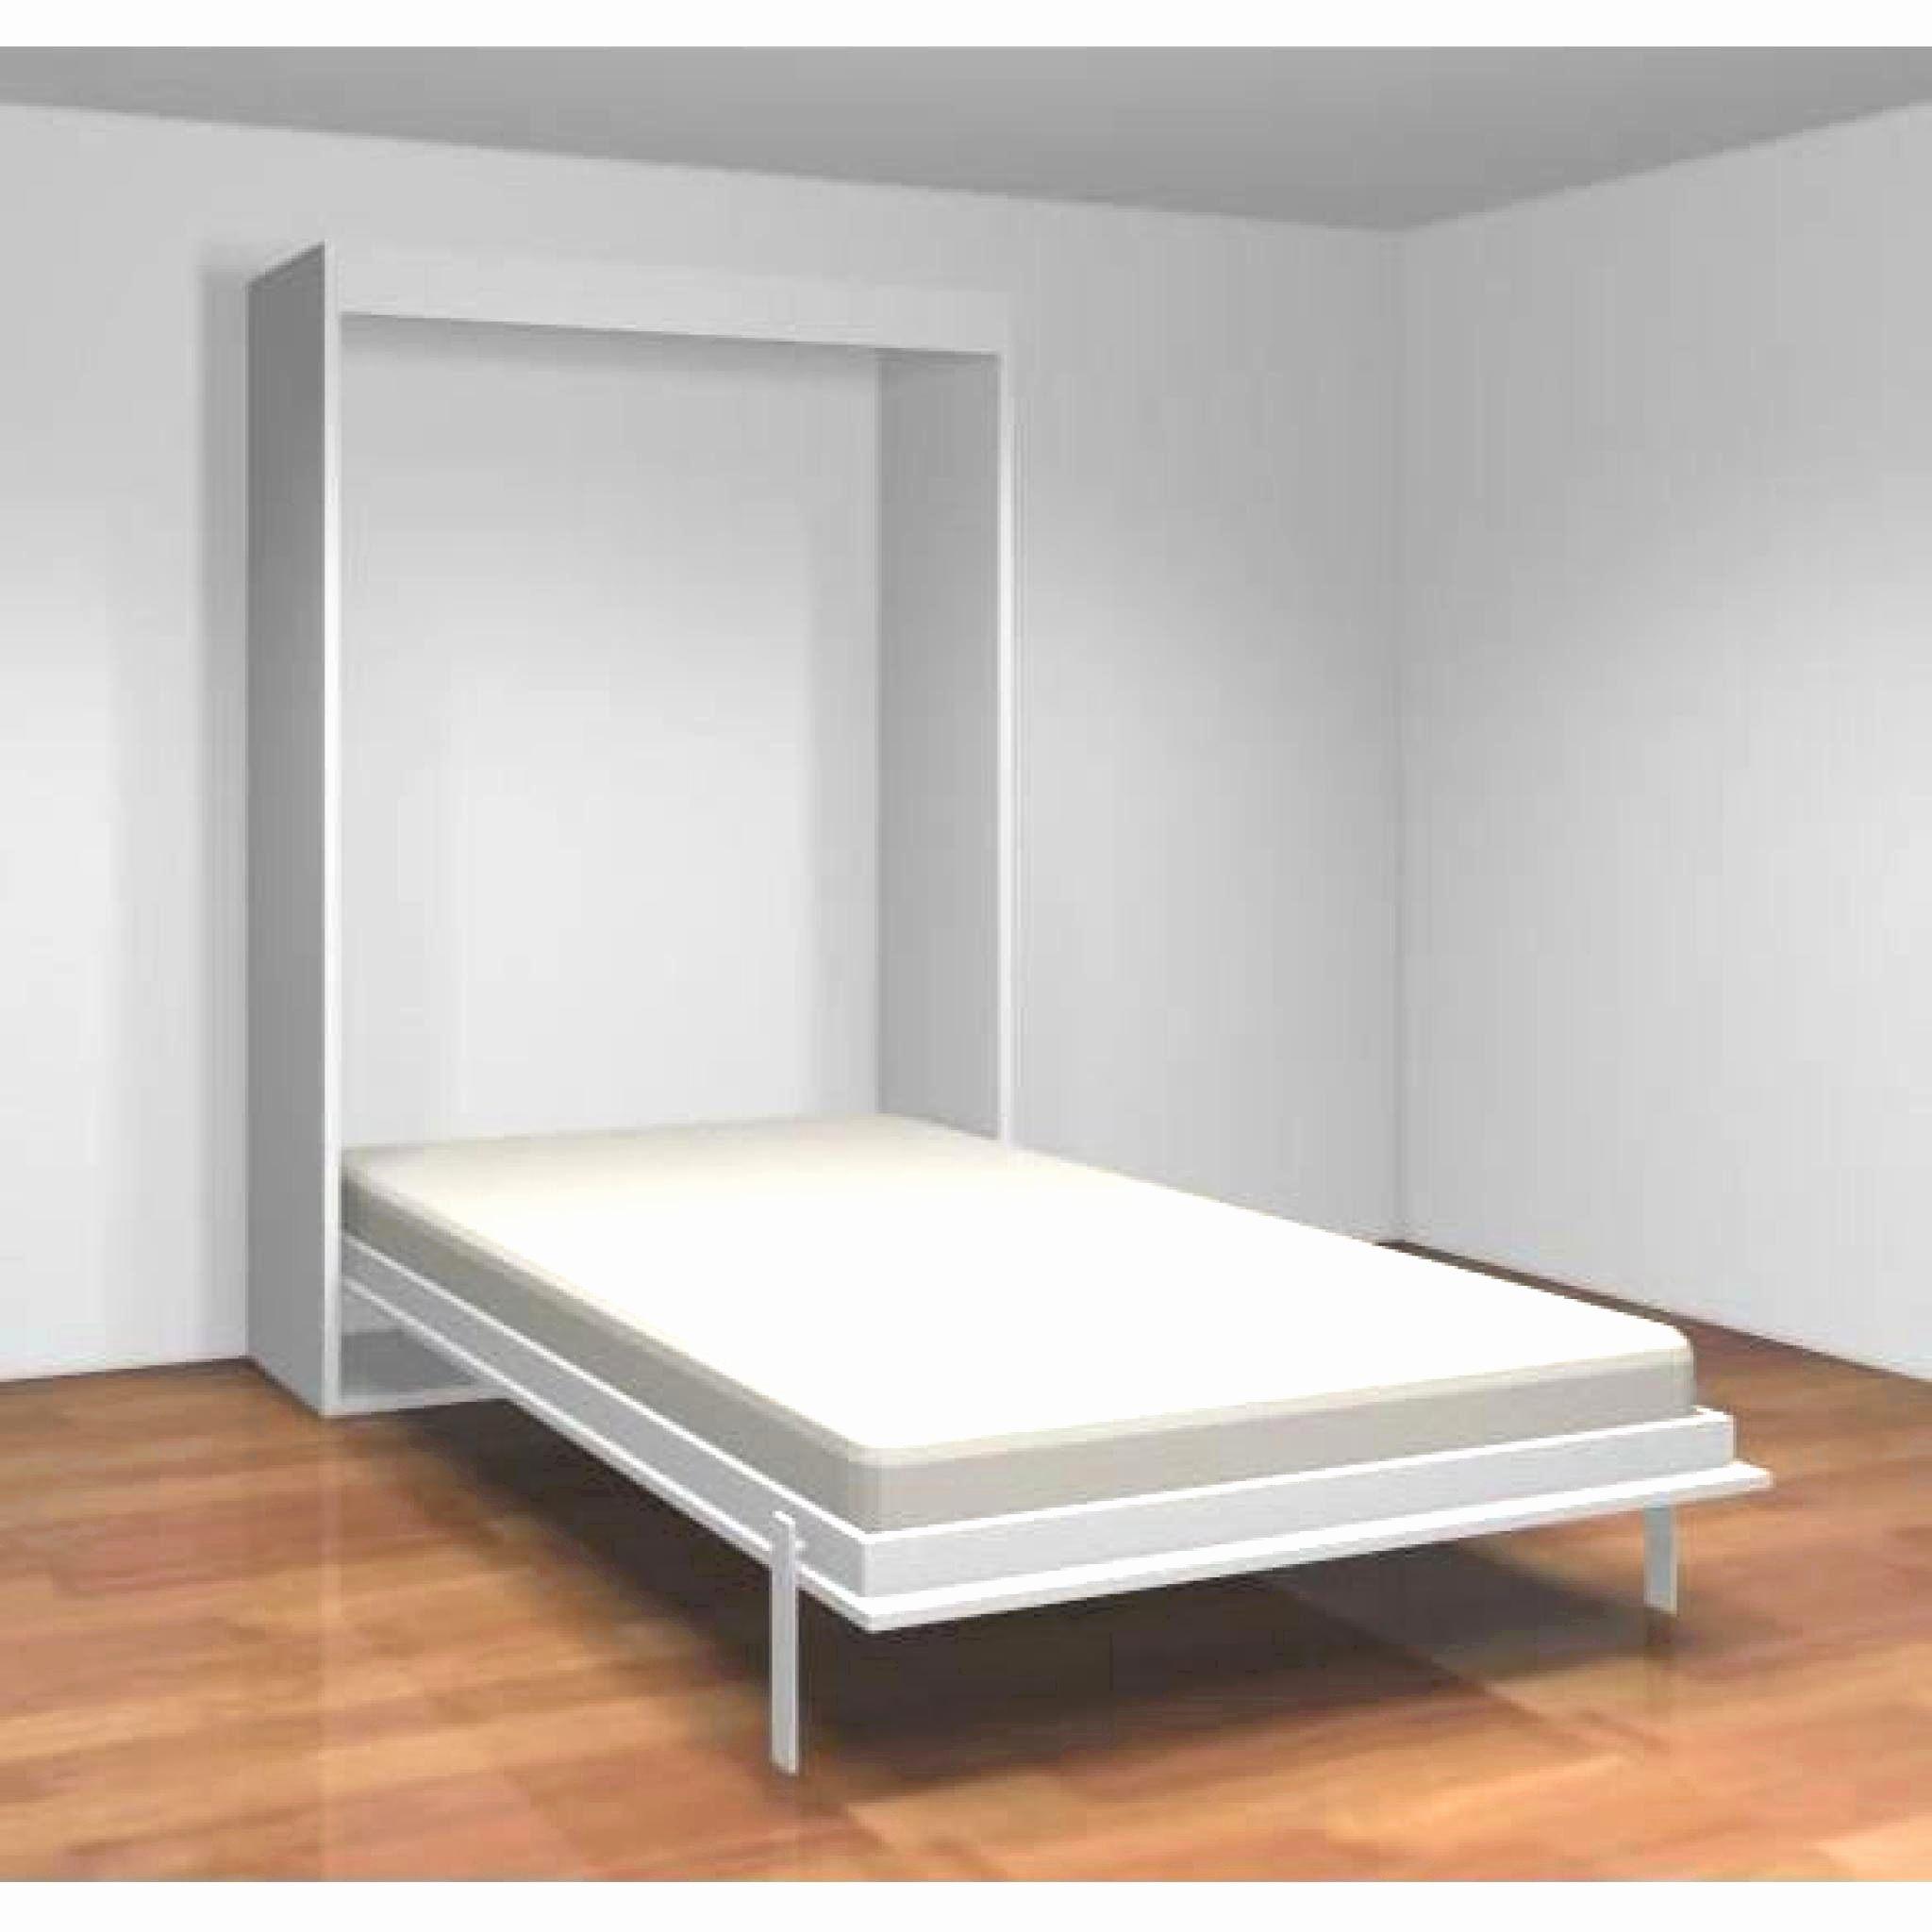 Armoire Lit Escamotable Ikea Génial Lit Escamotable 2 Places élégant Ikea Banquette Lit Lits